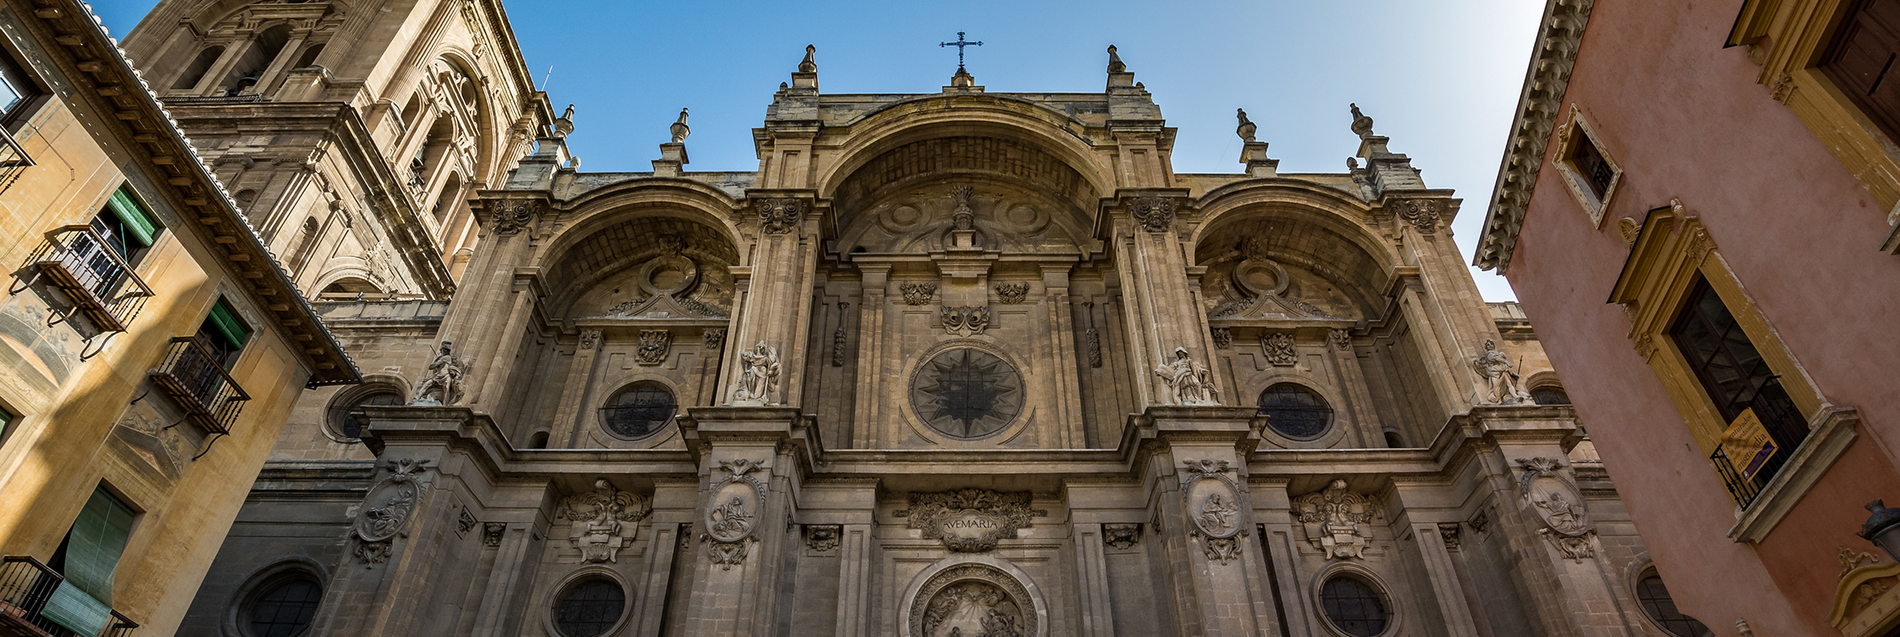 Granada Cathedral 2258 x 758